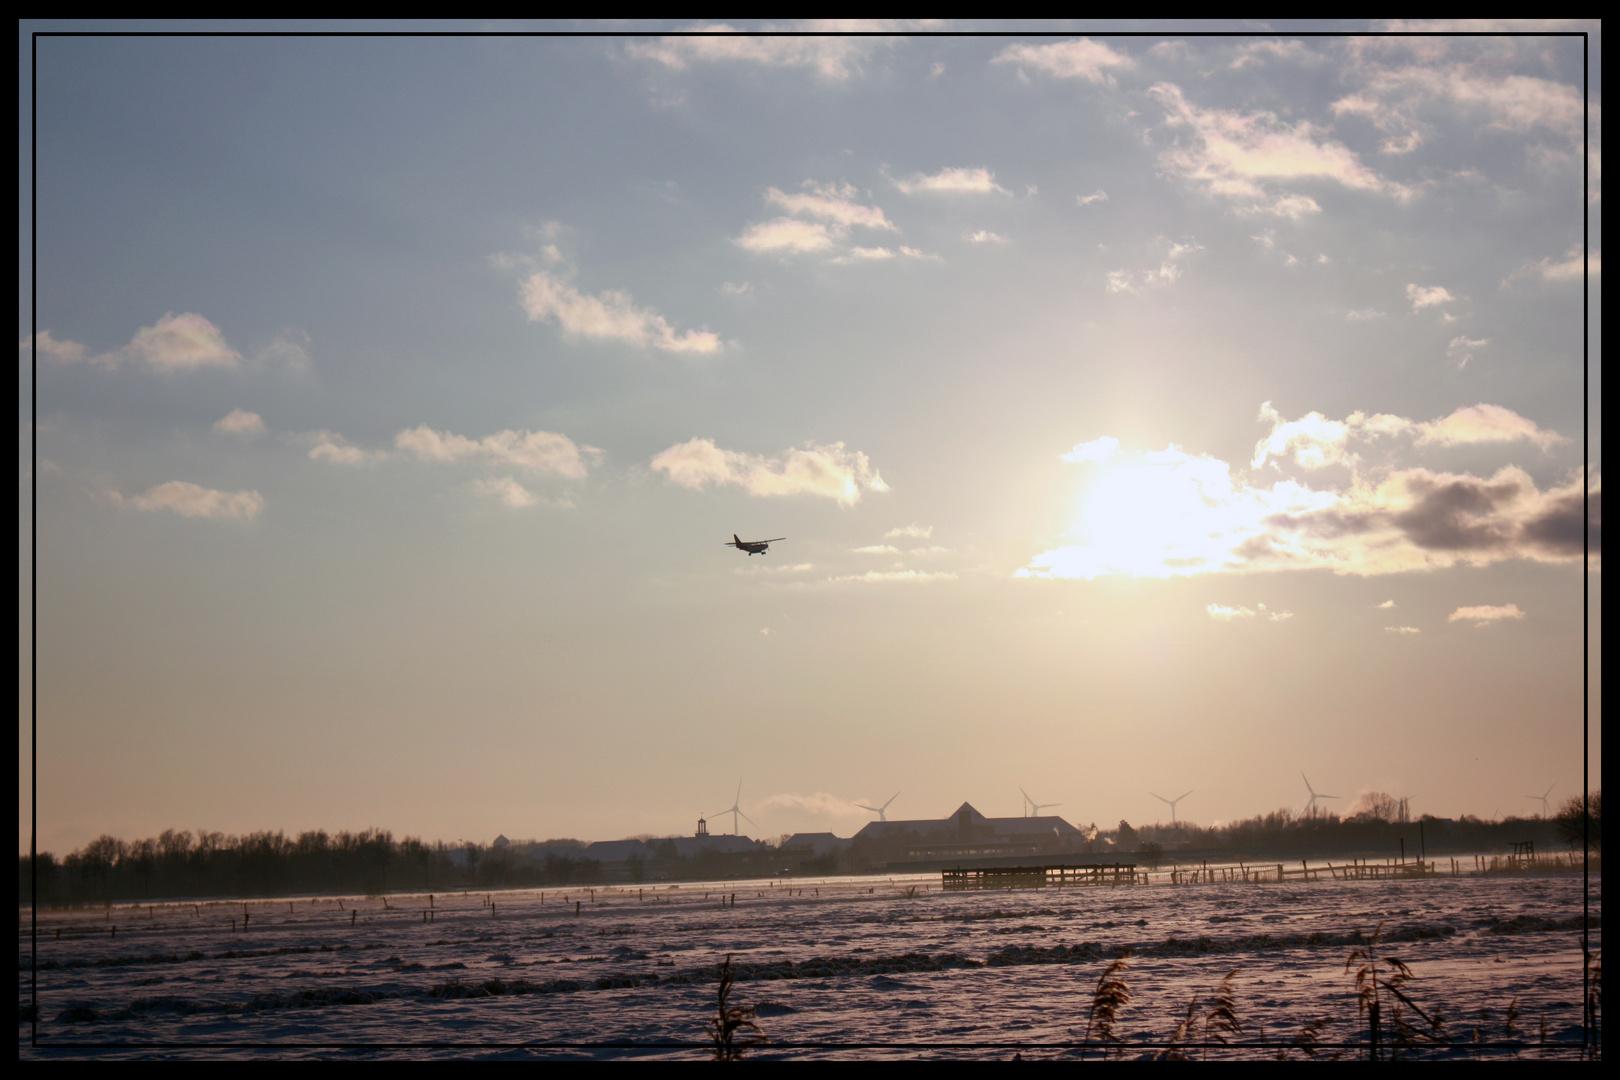 Am Flugplatz Emden